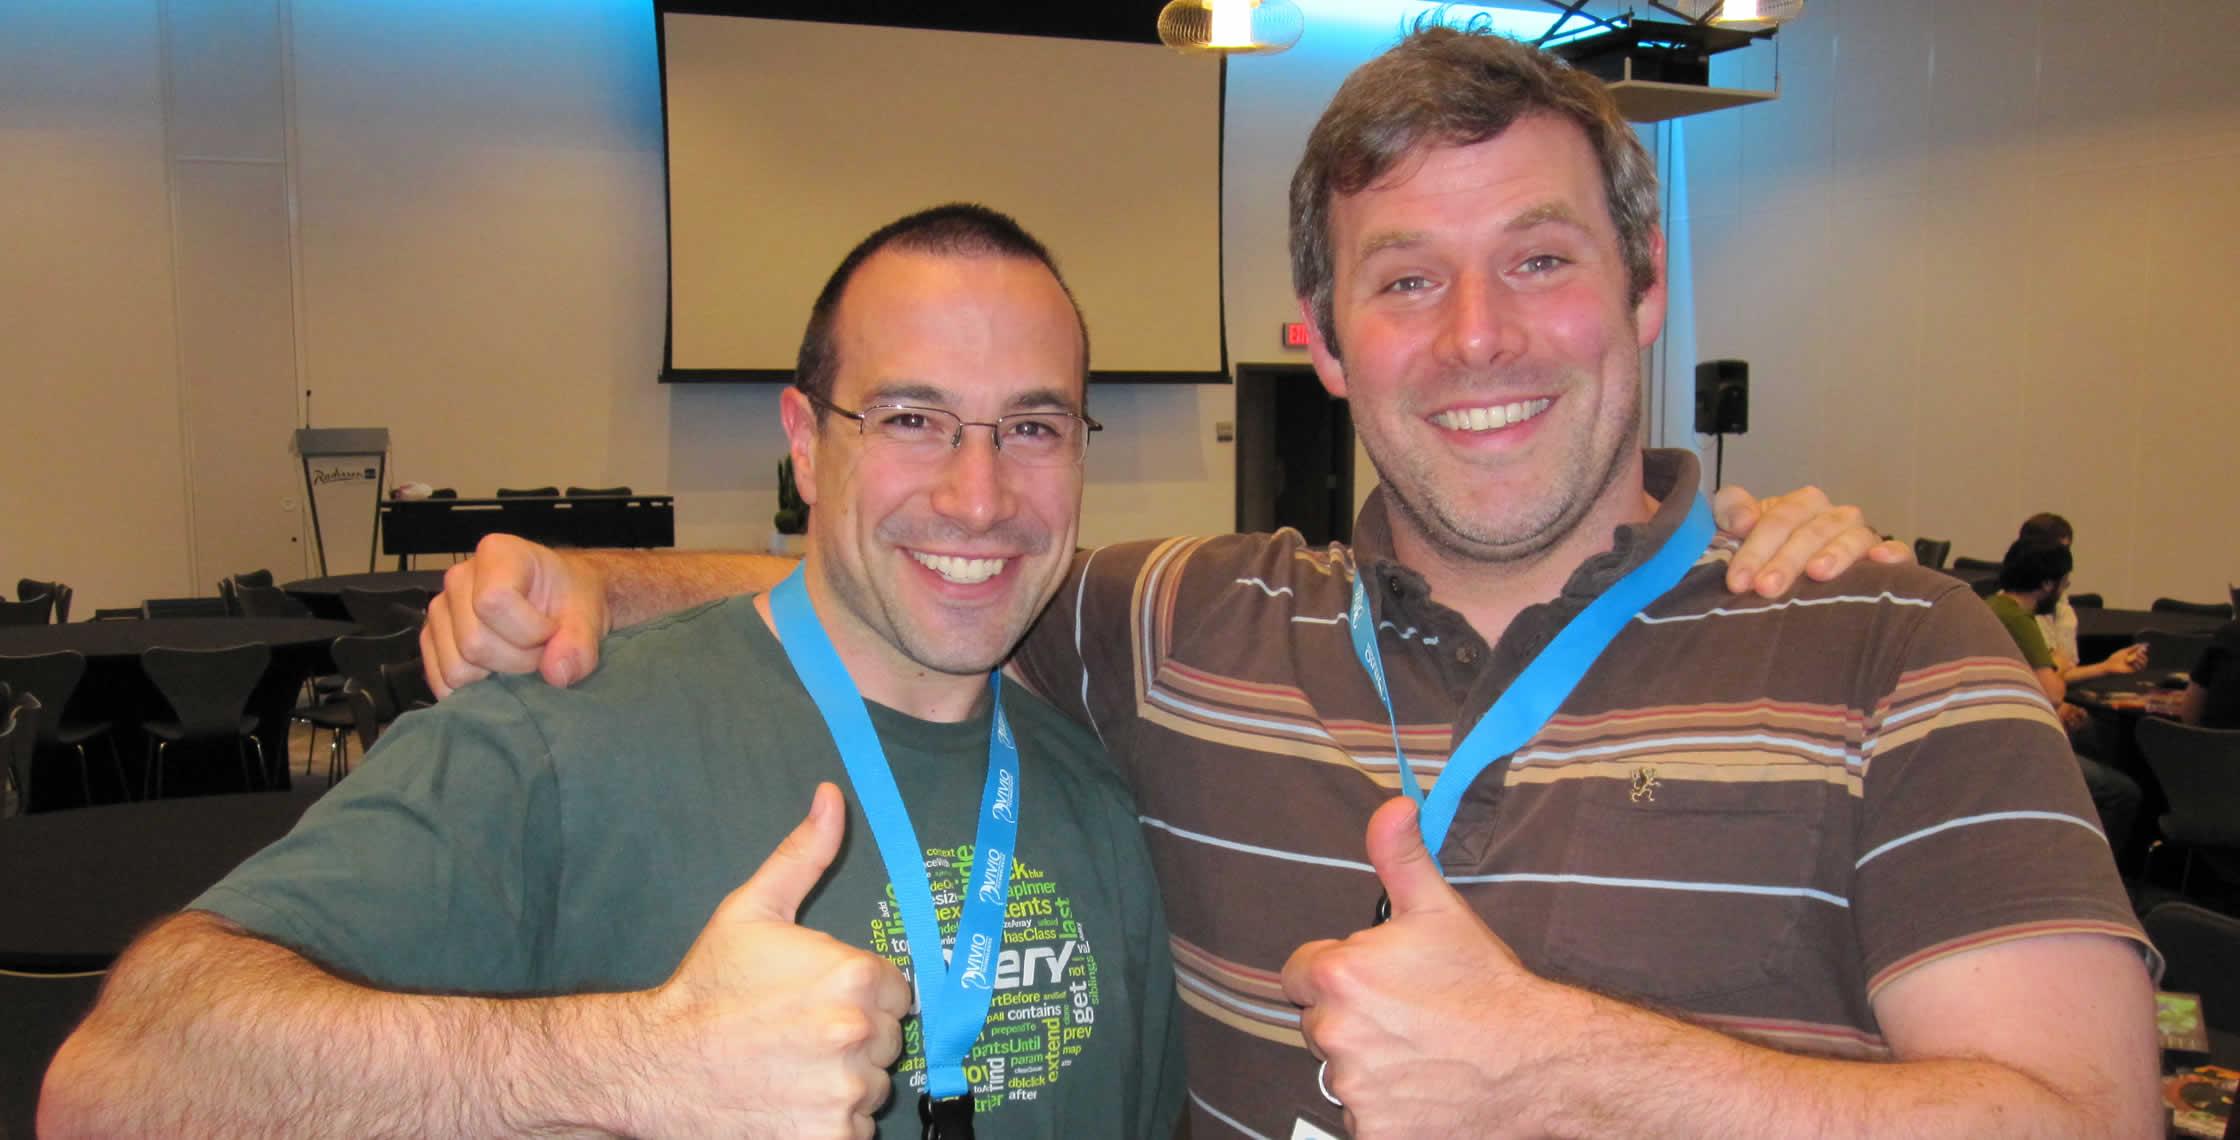 Ben Nadel at cf.Objective() 2013 (Bloomington, MN) with: Erik Meier